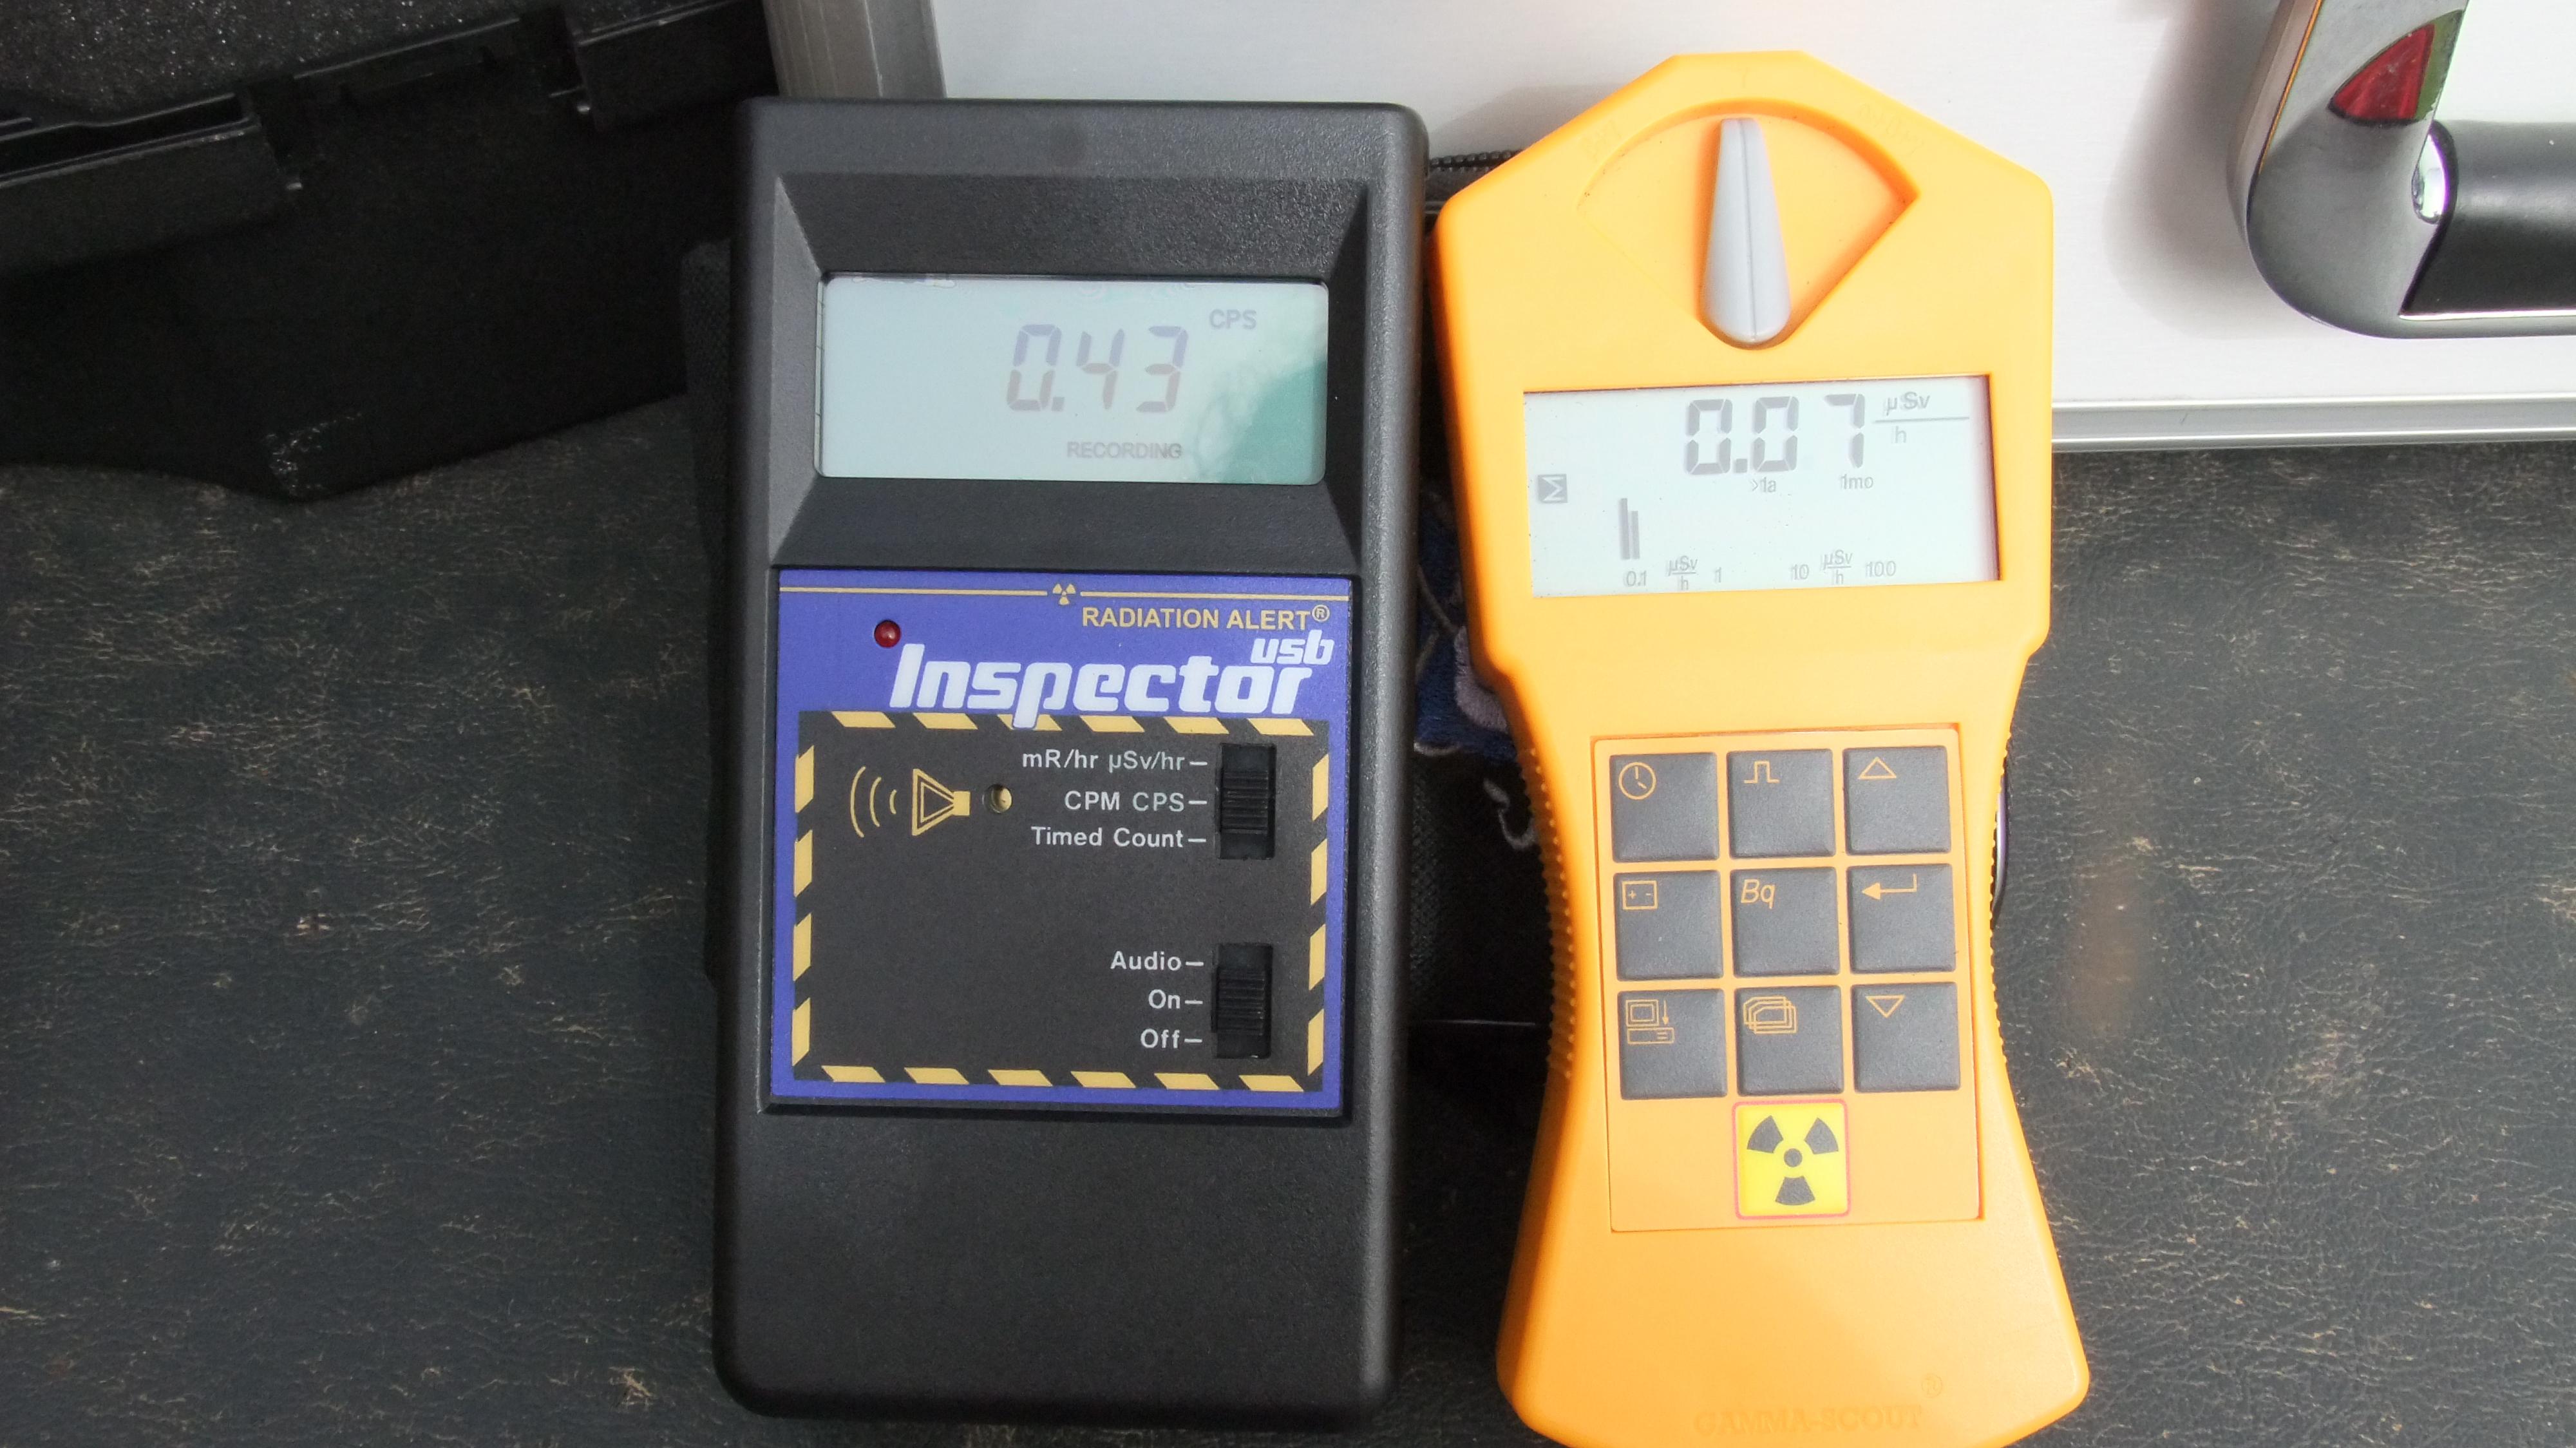 Equipo de detección de radiaciones ionizantes